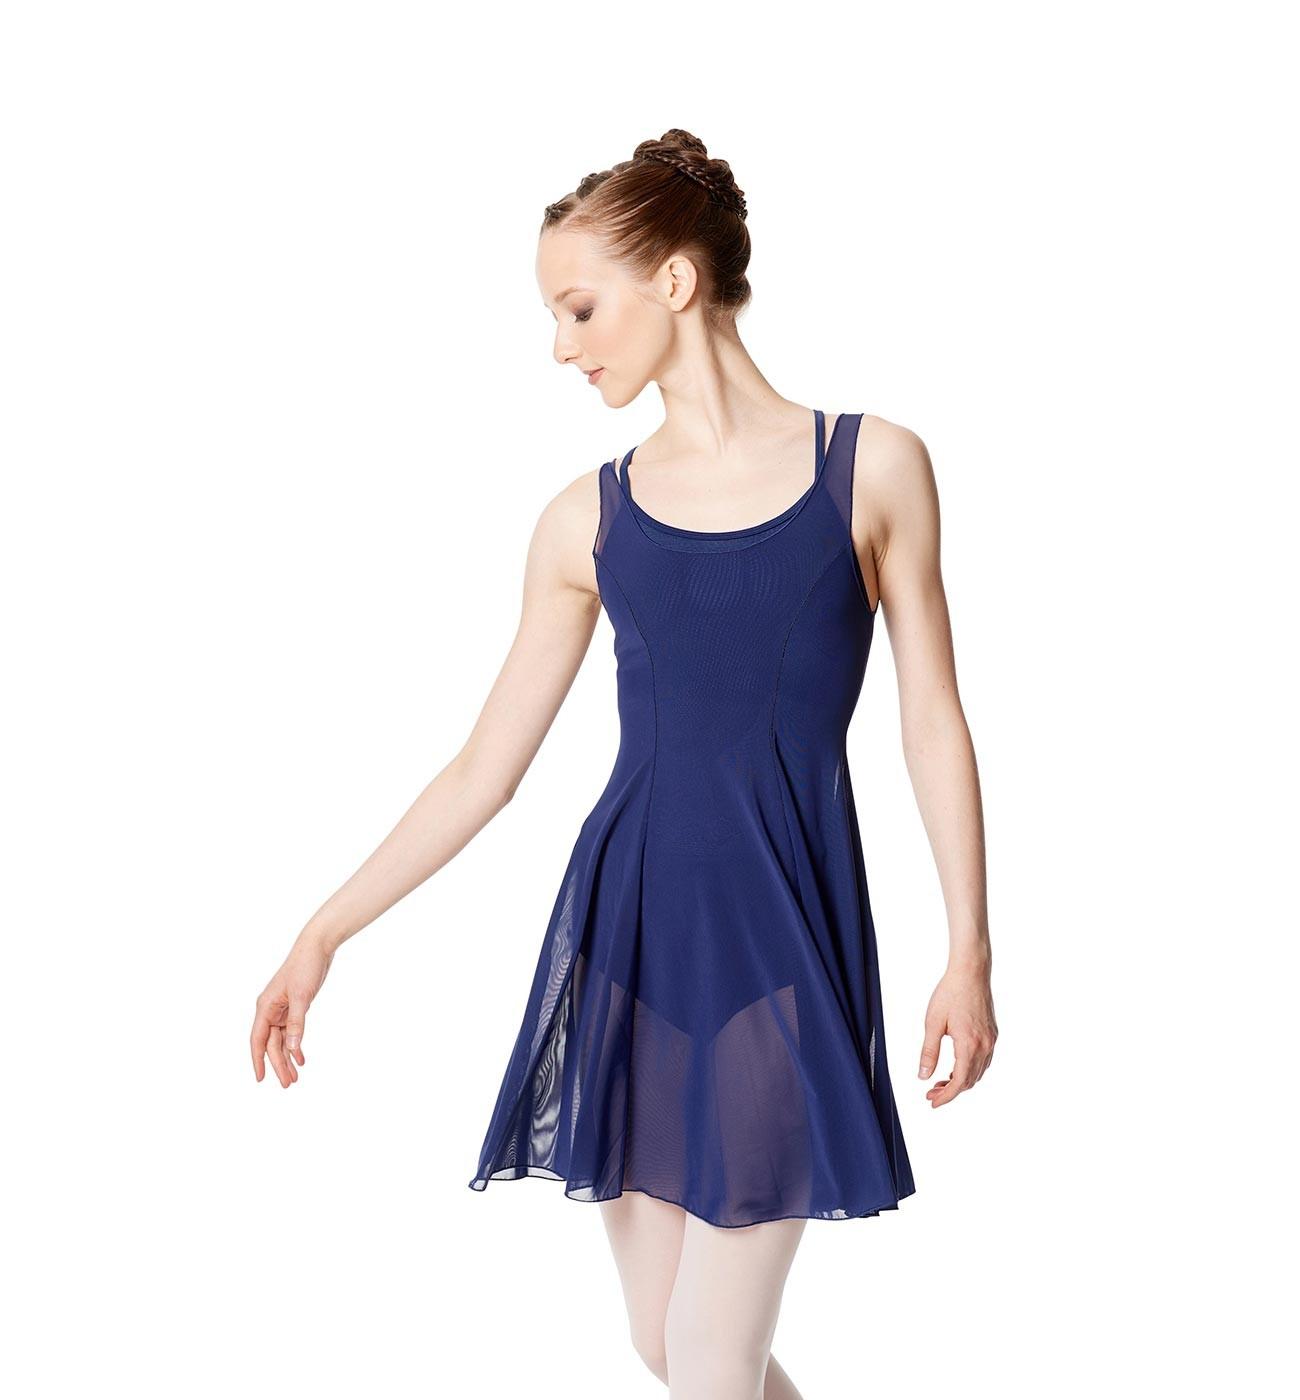 כחול כהה שמלת בלט Kimberly של Lulli מבד רשת עדינה LUB257